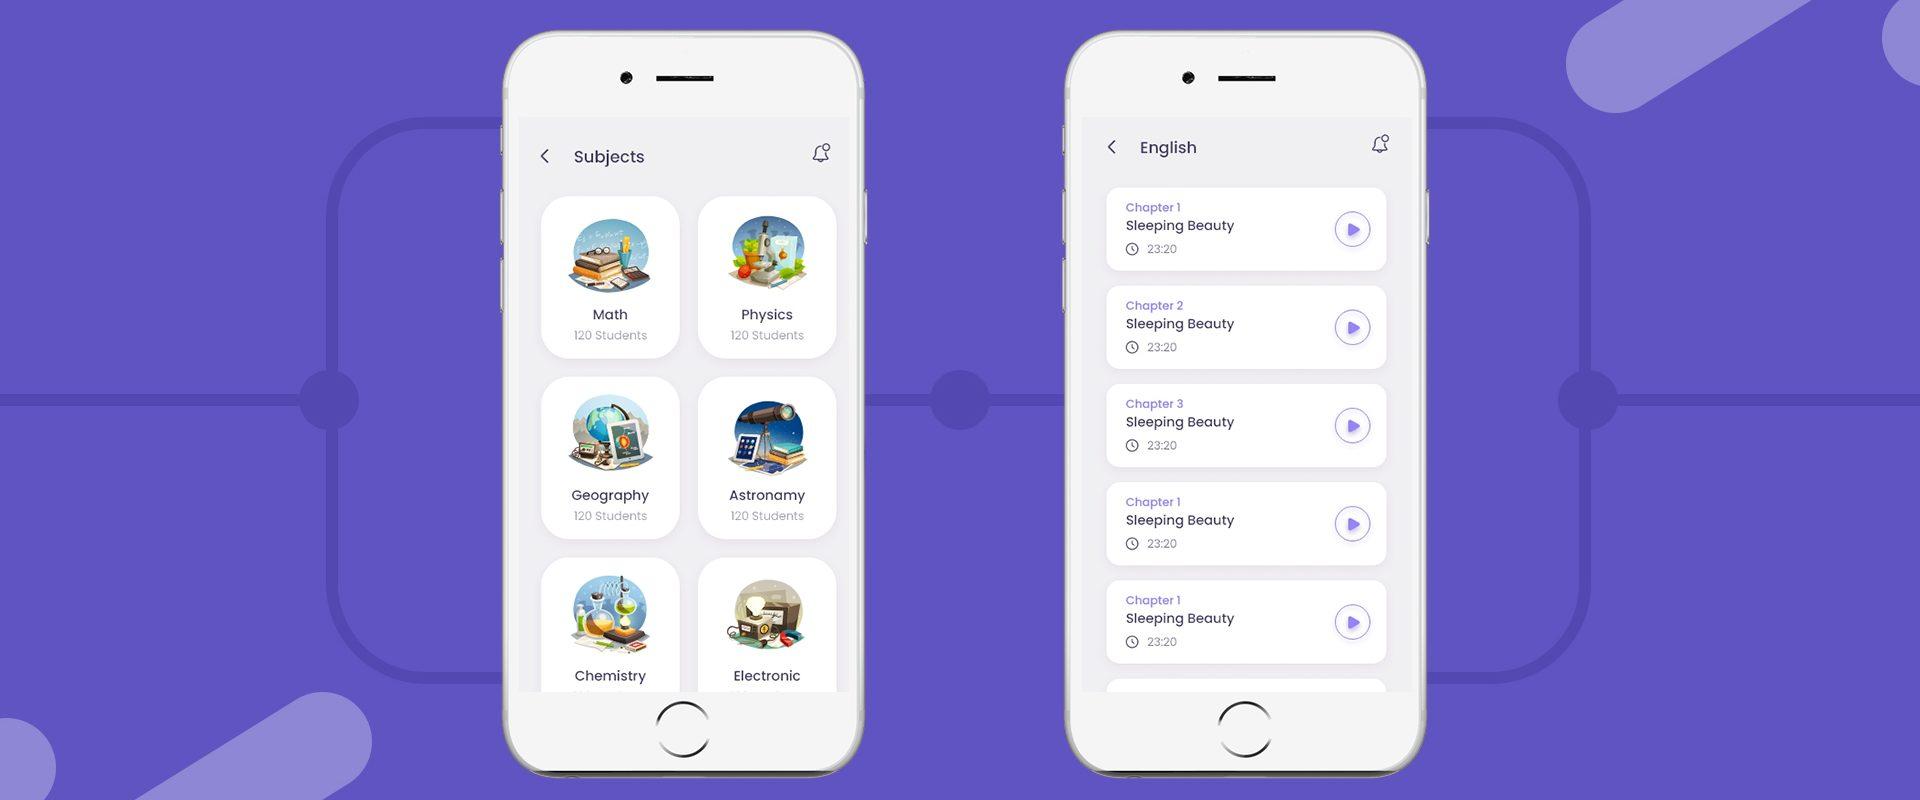 e-learning-app-bg-choose